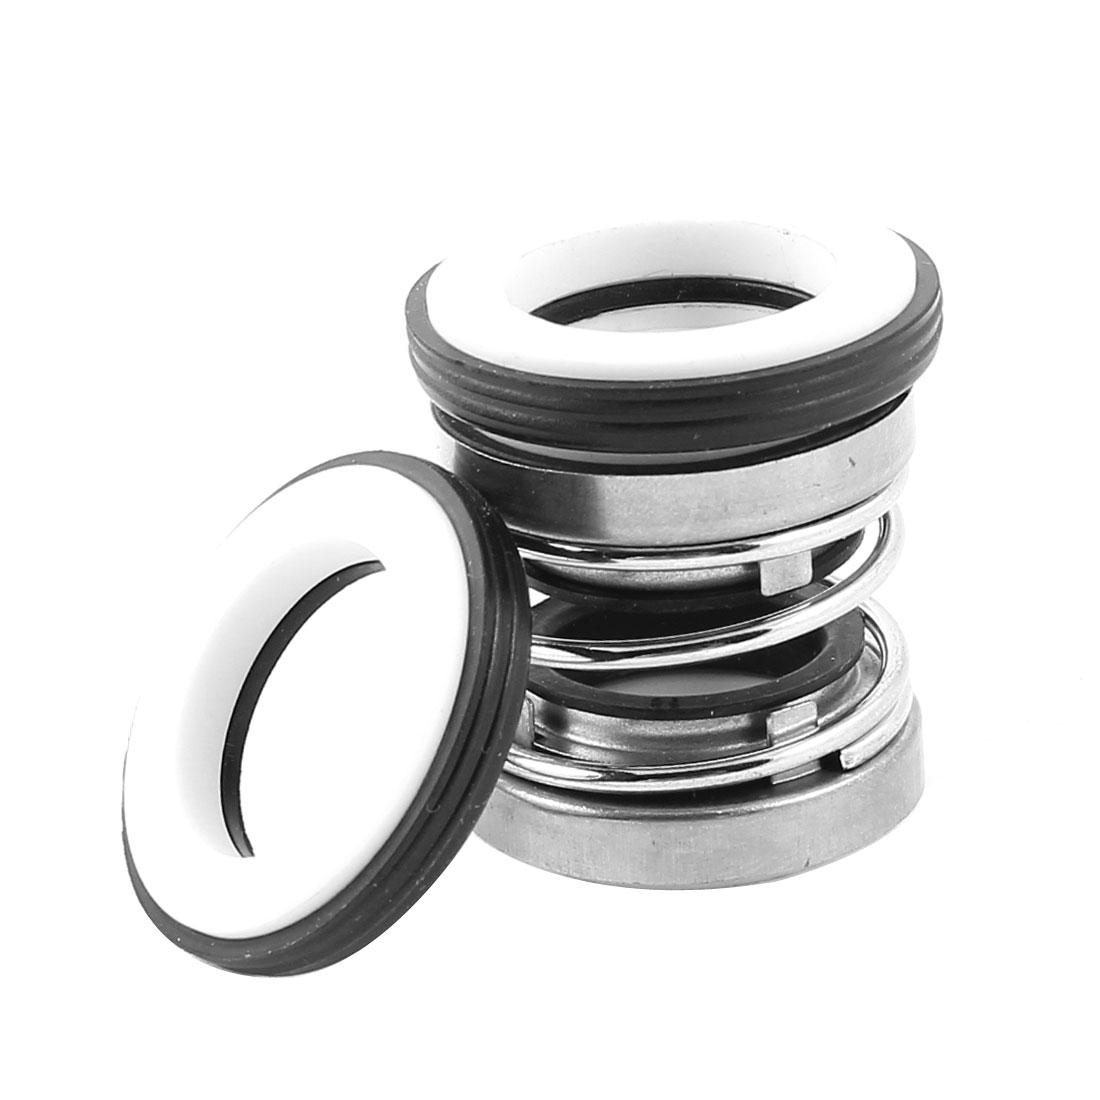 Water Pumps Part 20mm Inner Dia Ceramic Rubber Mechanical Bellow Shaft Seals